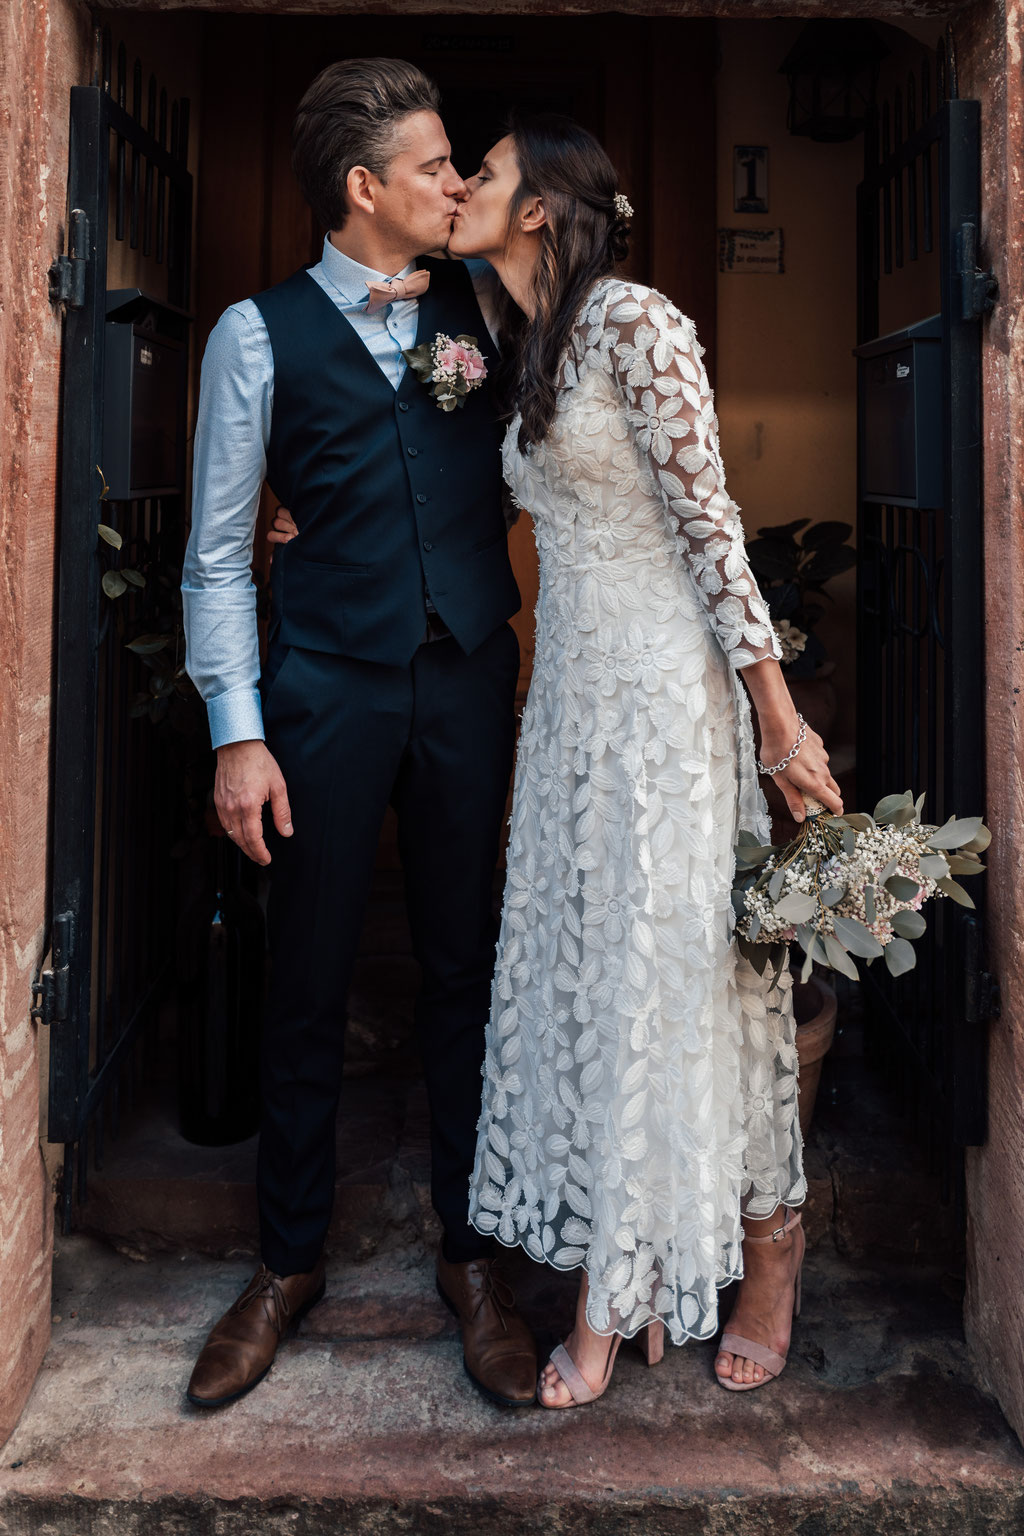 Hochzeitsfotografin Idstein, Braut, Bräutigam